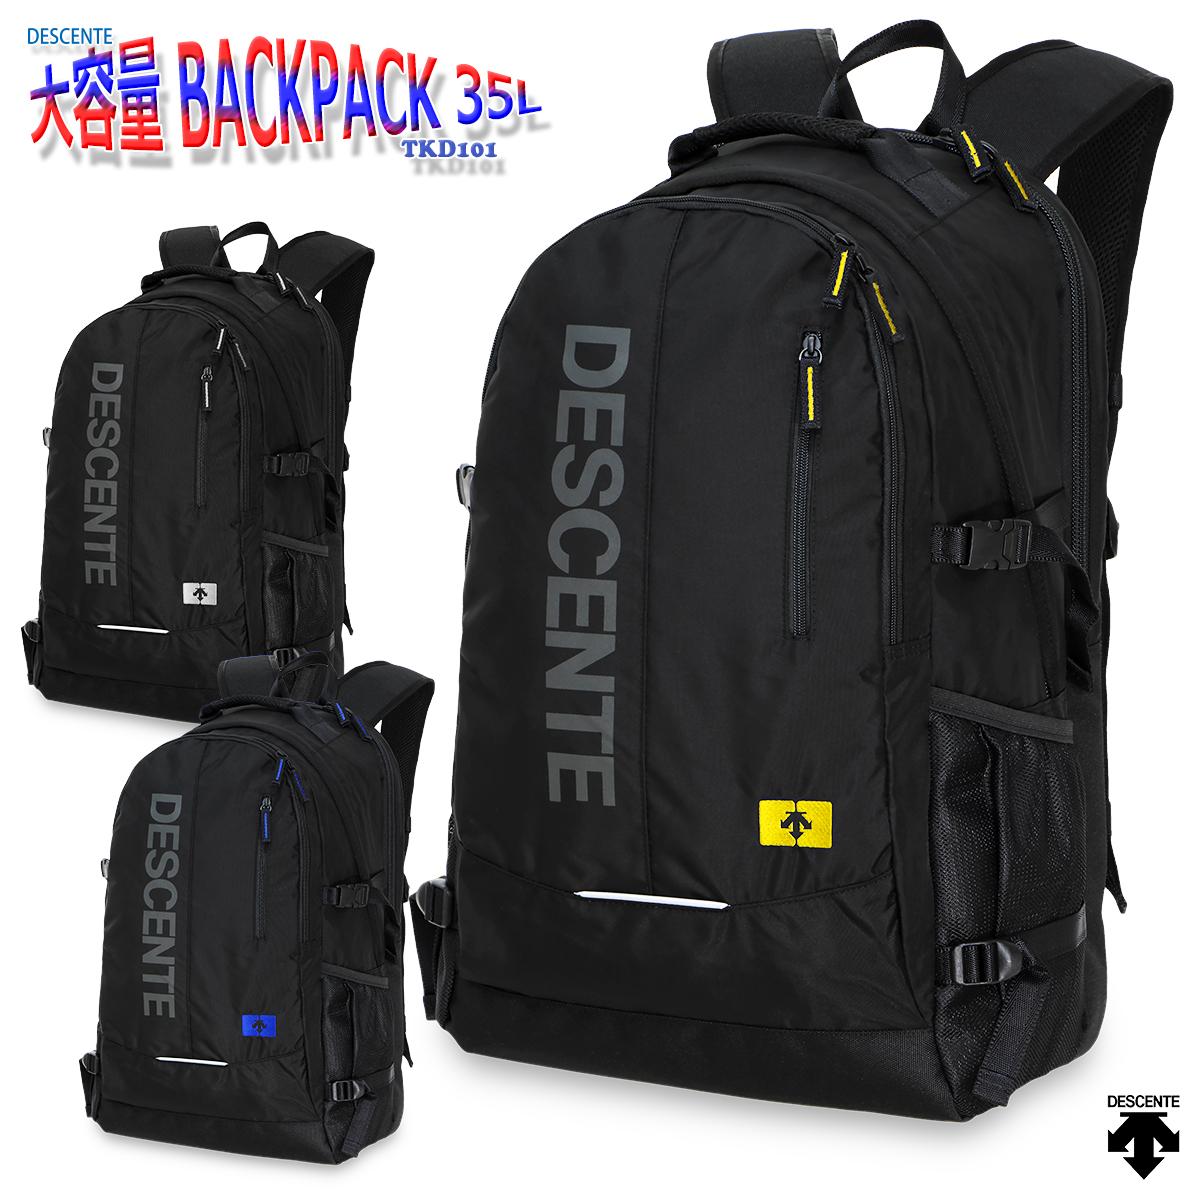 デサント 大容量 バックパック 35L メンズ/レディース/男女兼用/高校生/中学生 リュックサック ブラック 35リットル TKD101